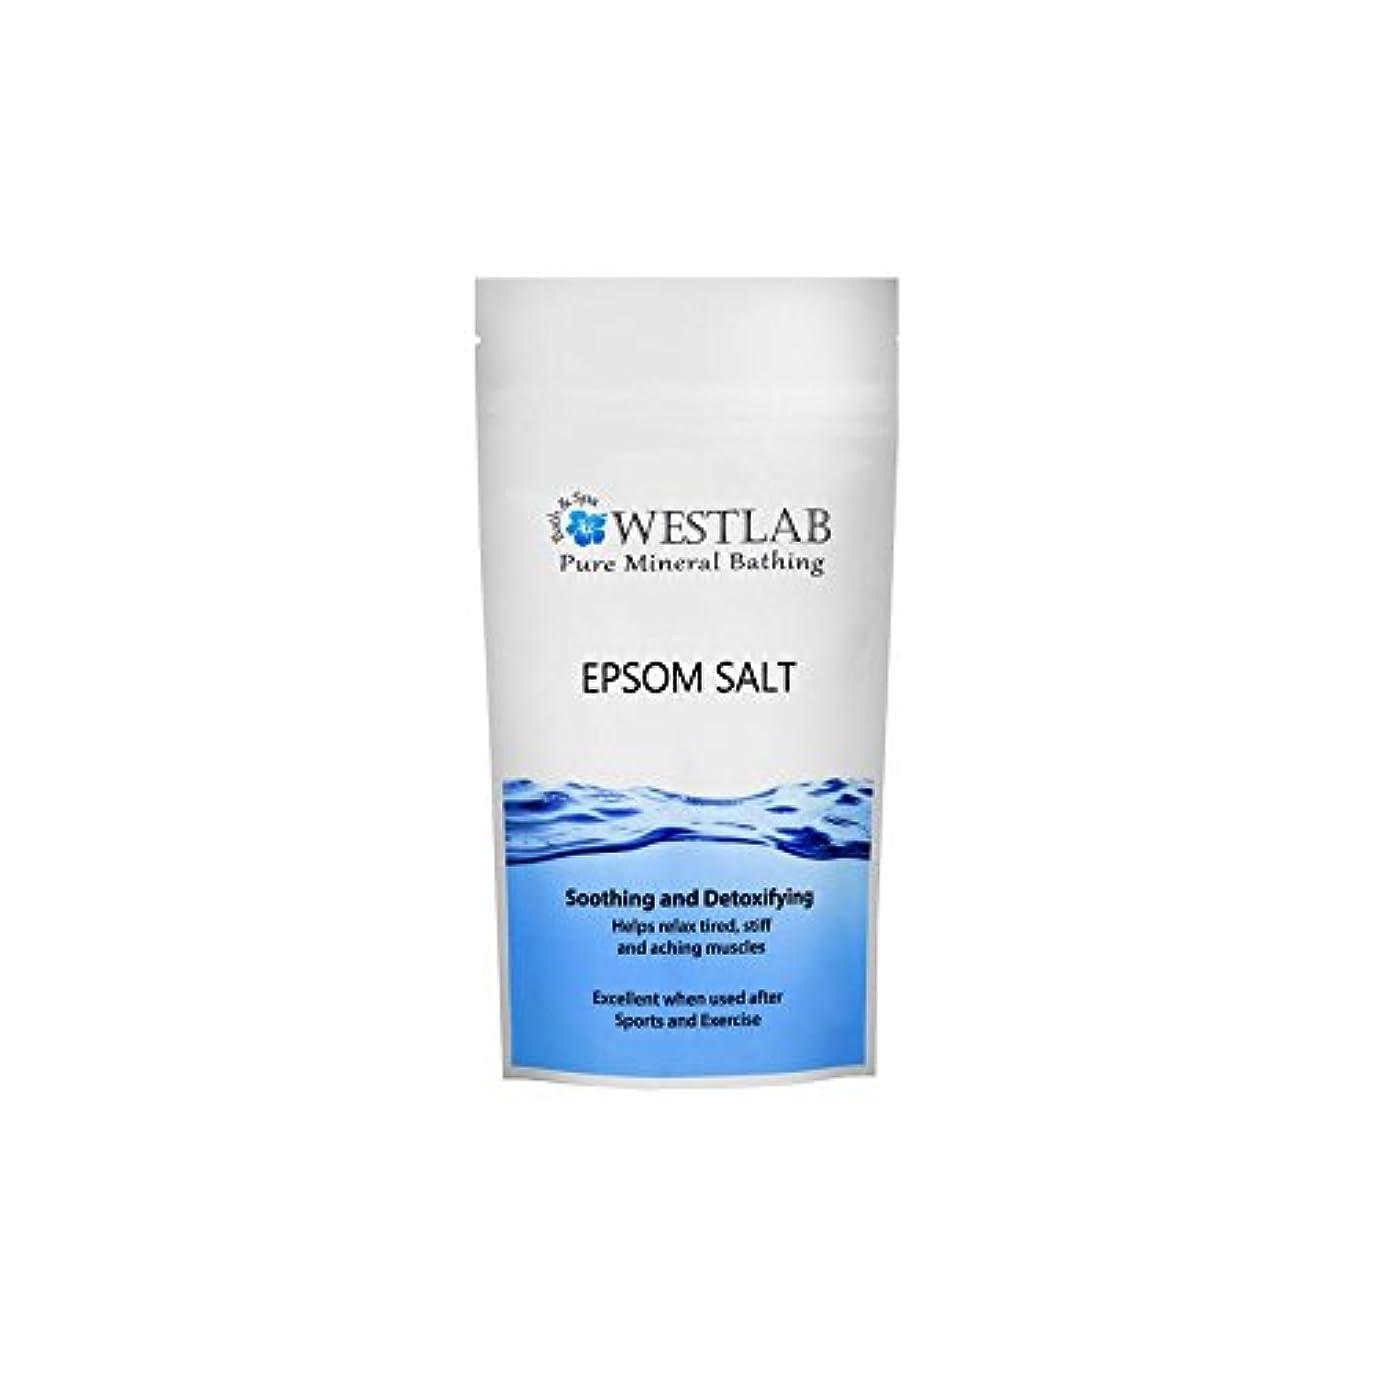 一節一節結論エプソム塩の2キロ x4 - Westlab Epsom Salt 2kg (Pack of 4) [並行輸入品]